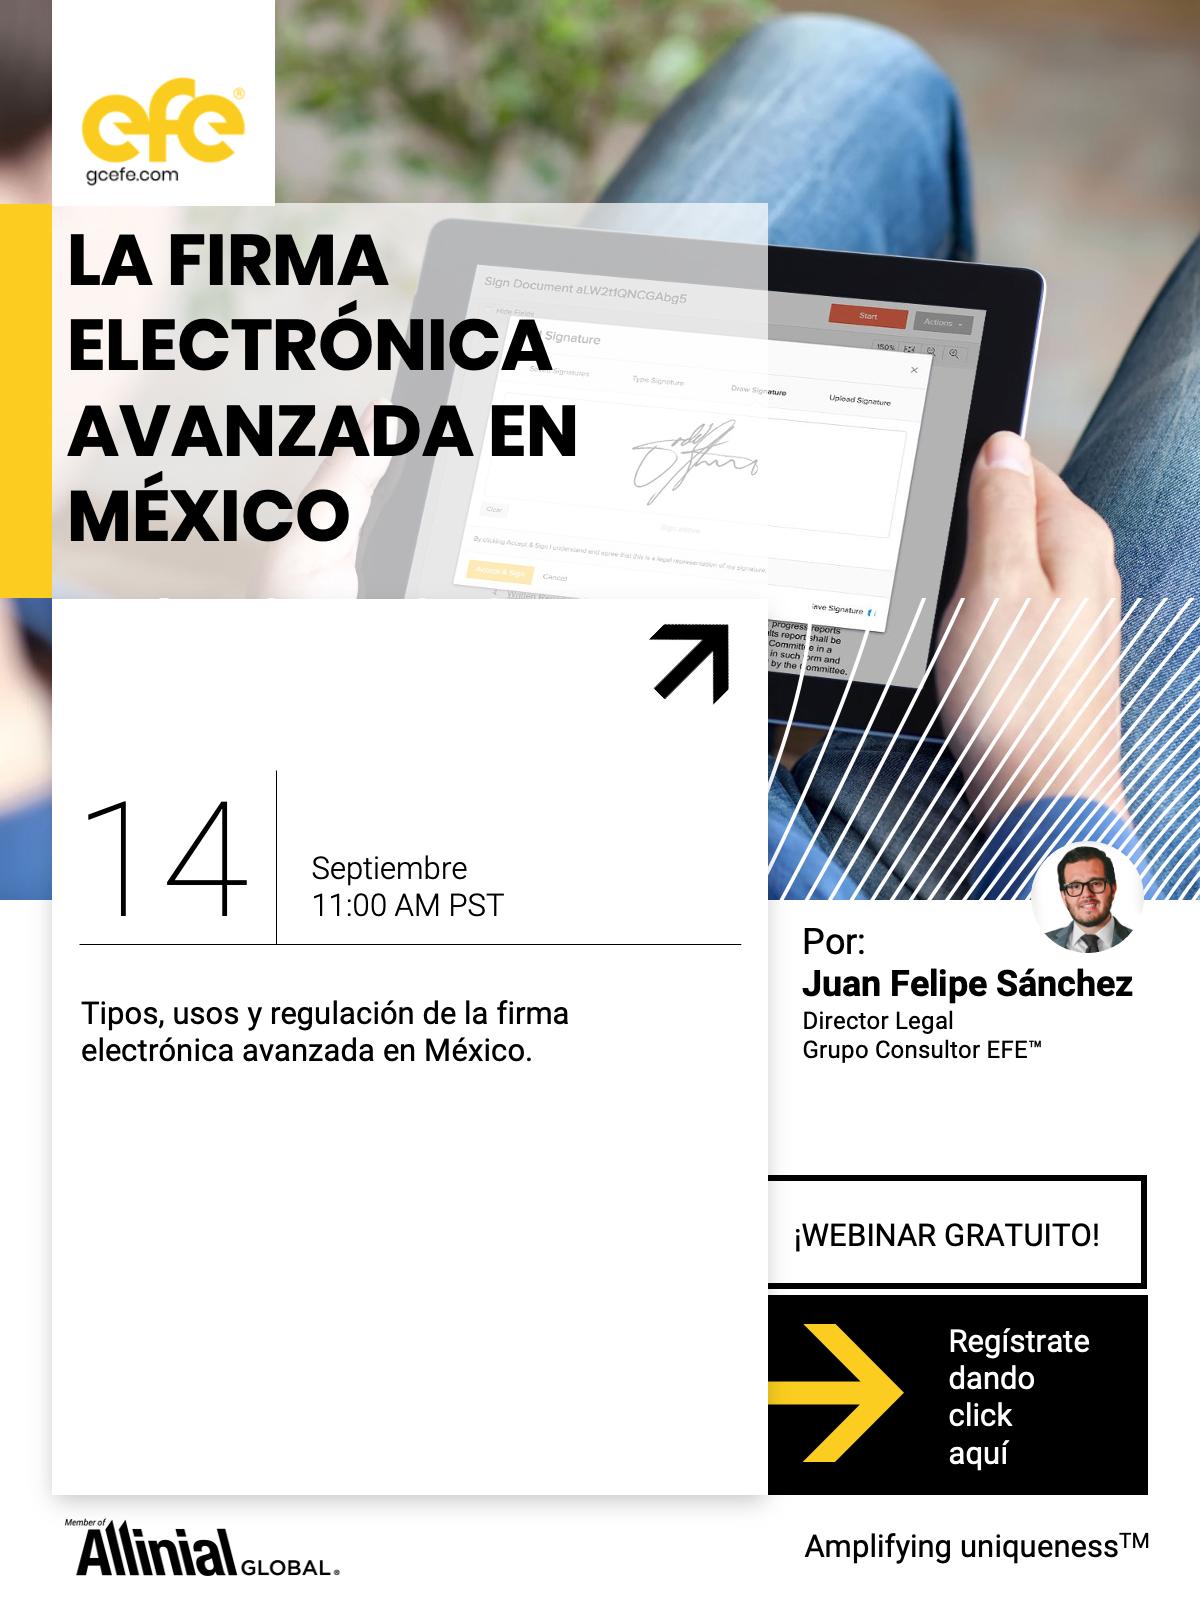 La Firma Electrónica Avanzada En México.